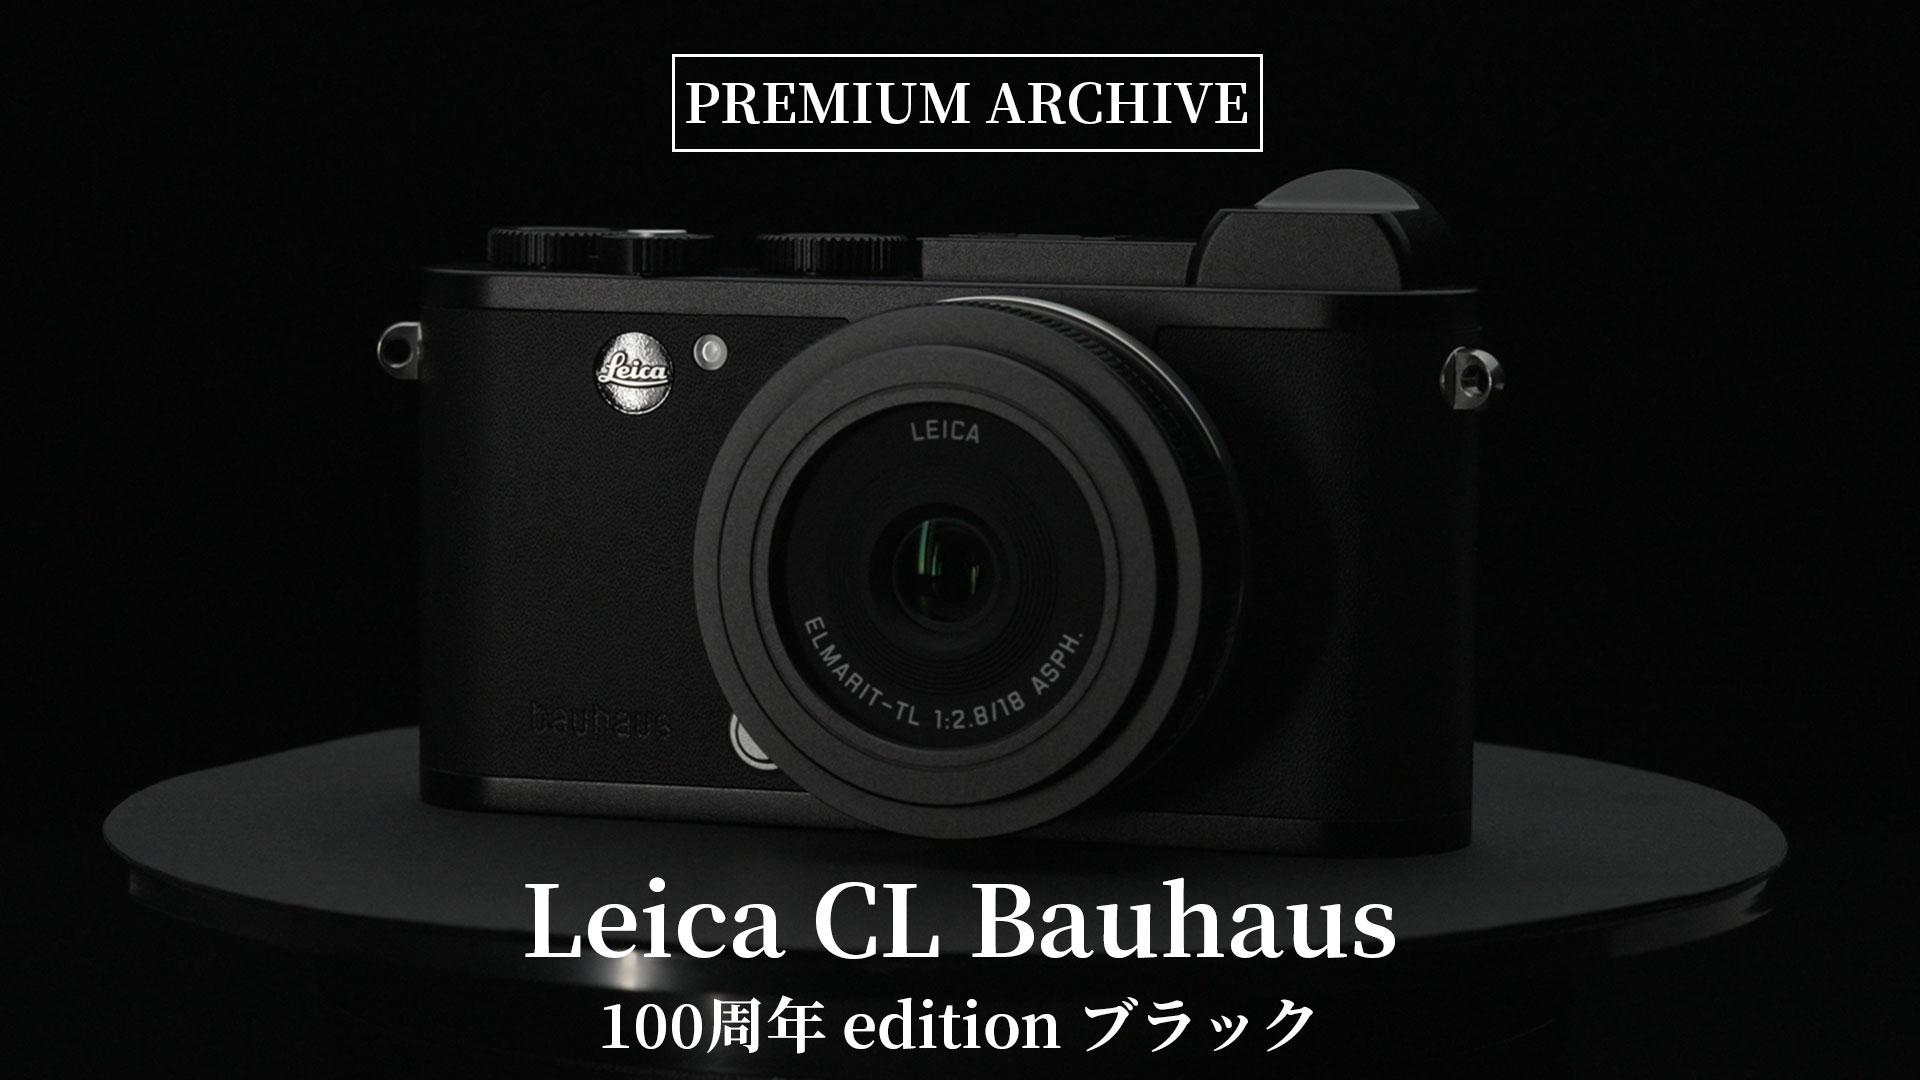 【PREMIUM ARCHIVE #14】Leica CL Bauhaus 100周年 edition ブラック